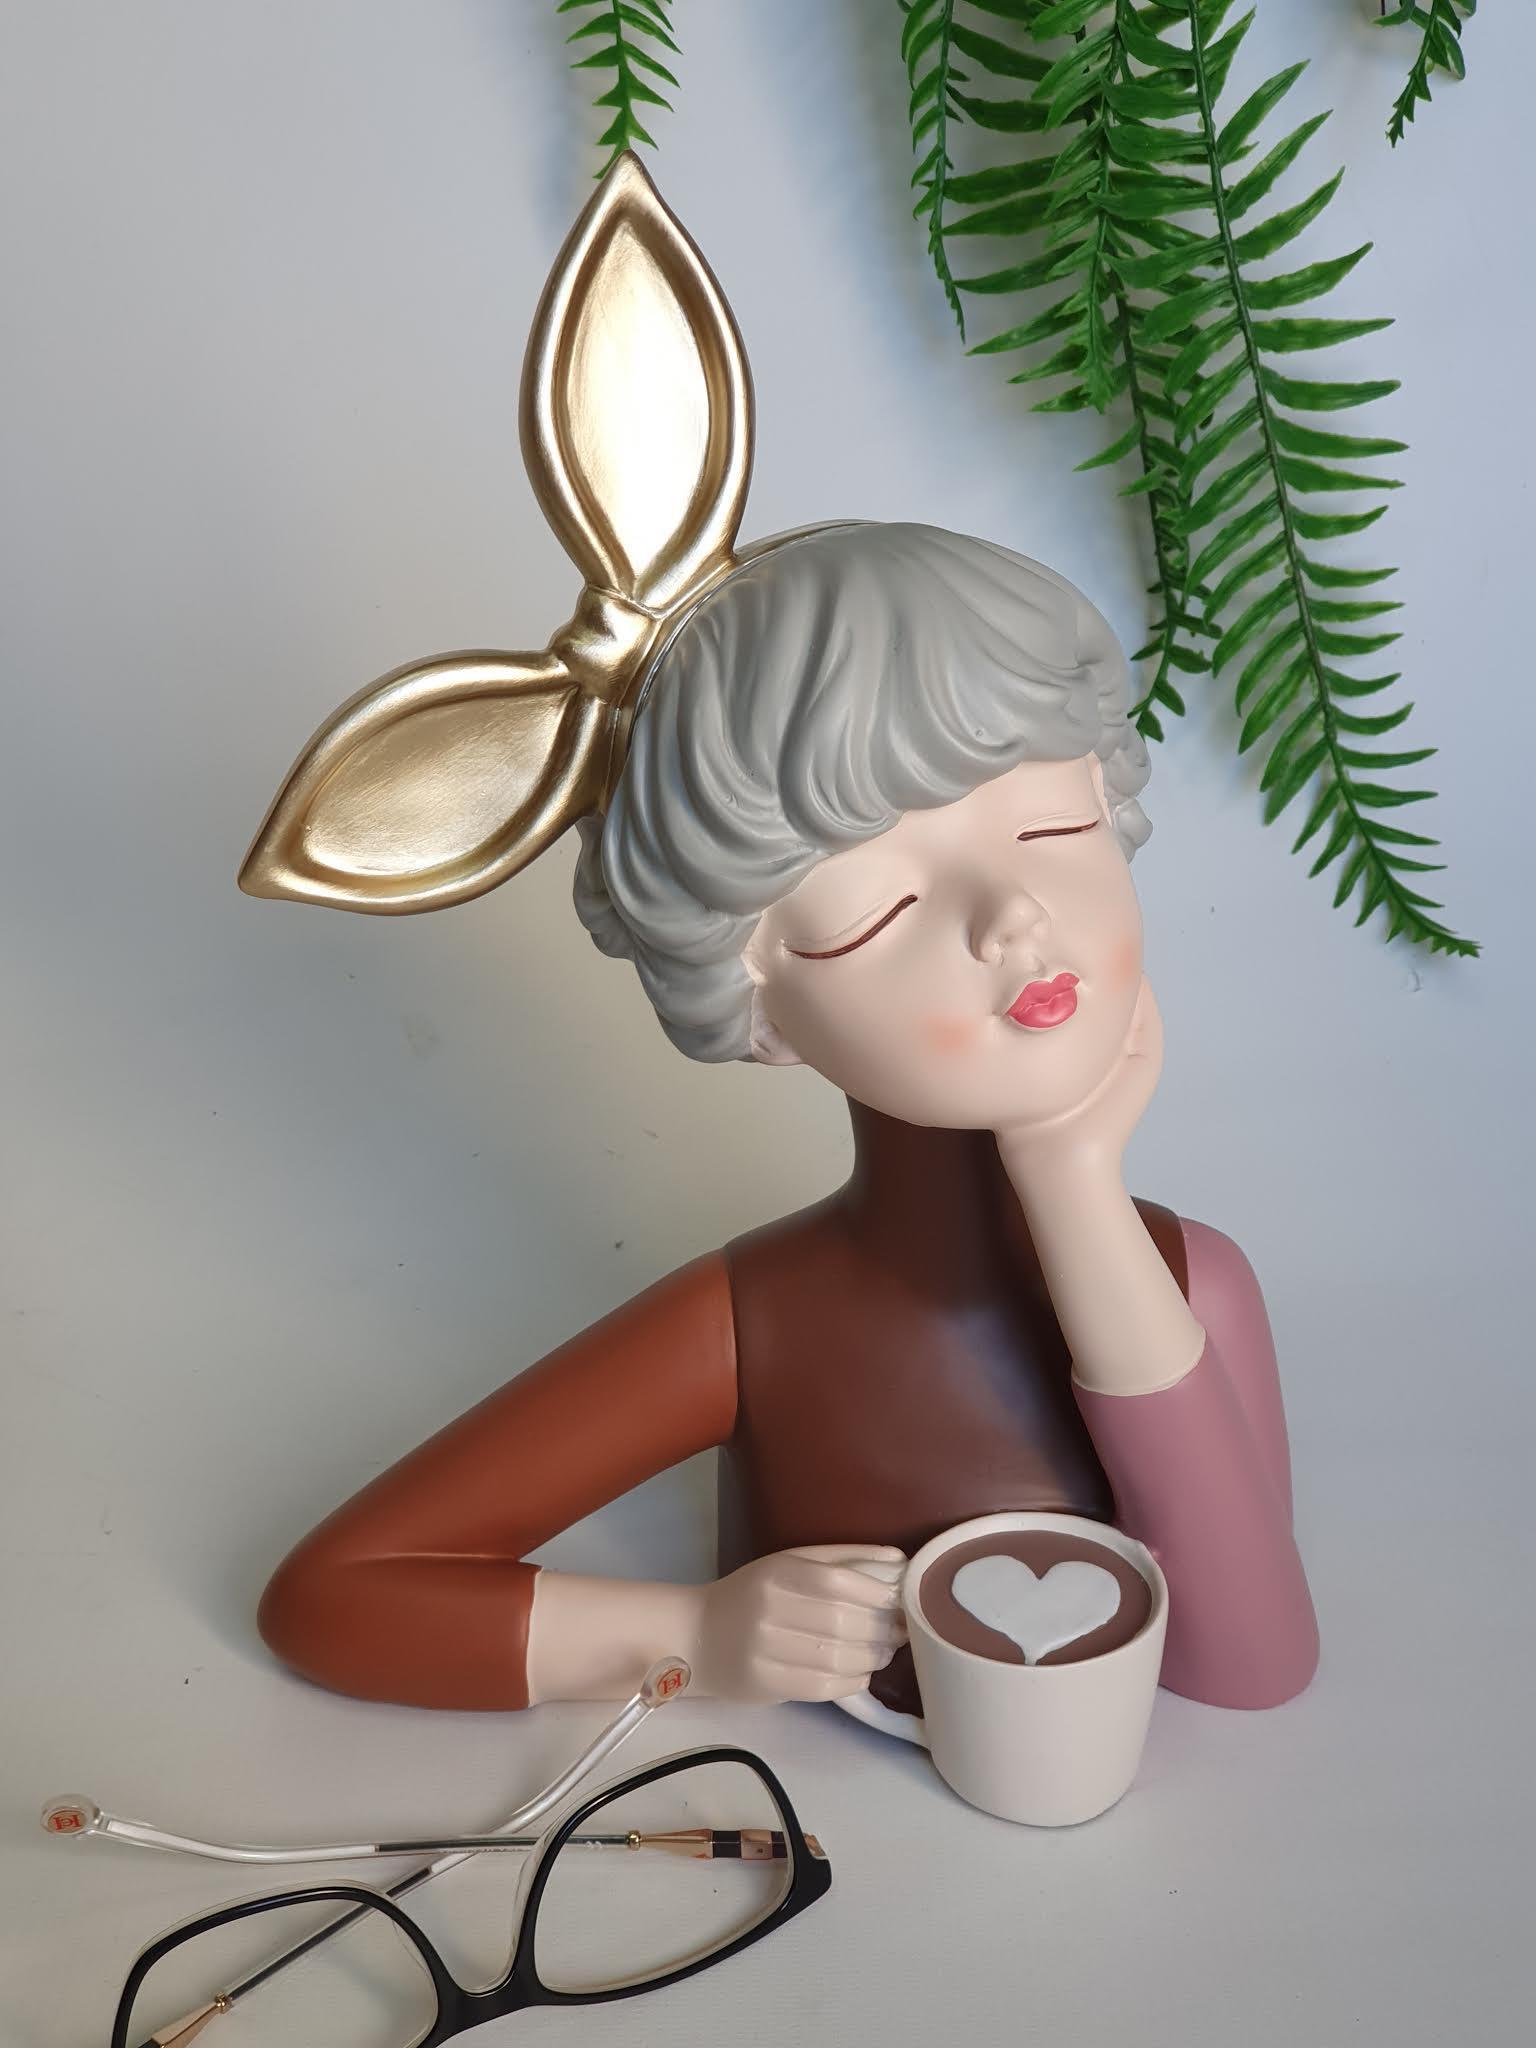 גברת בסטייל - קפה בוקר